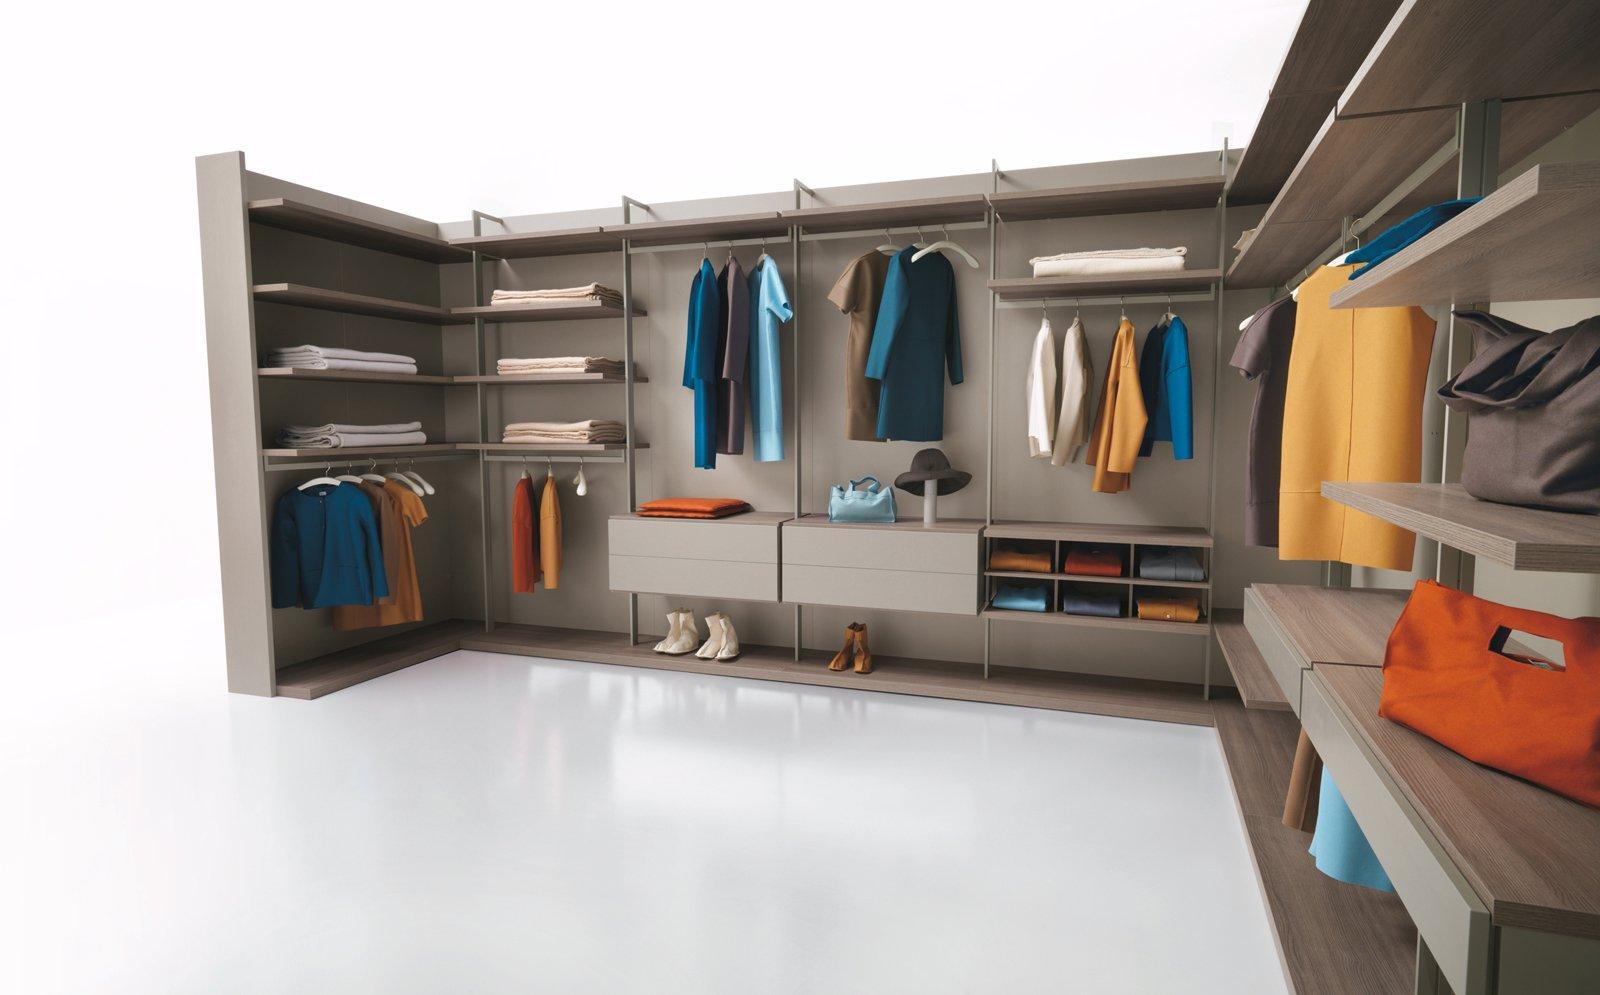 Vernice Per Cabina Armadio : Cabine armadio soluzione trendy cose di casa